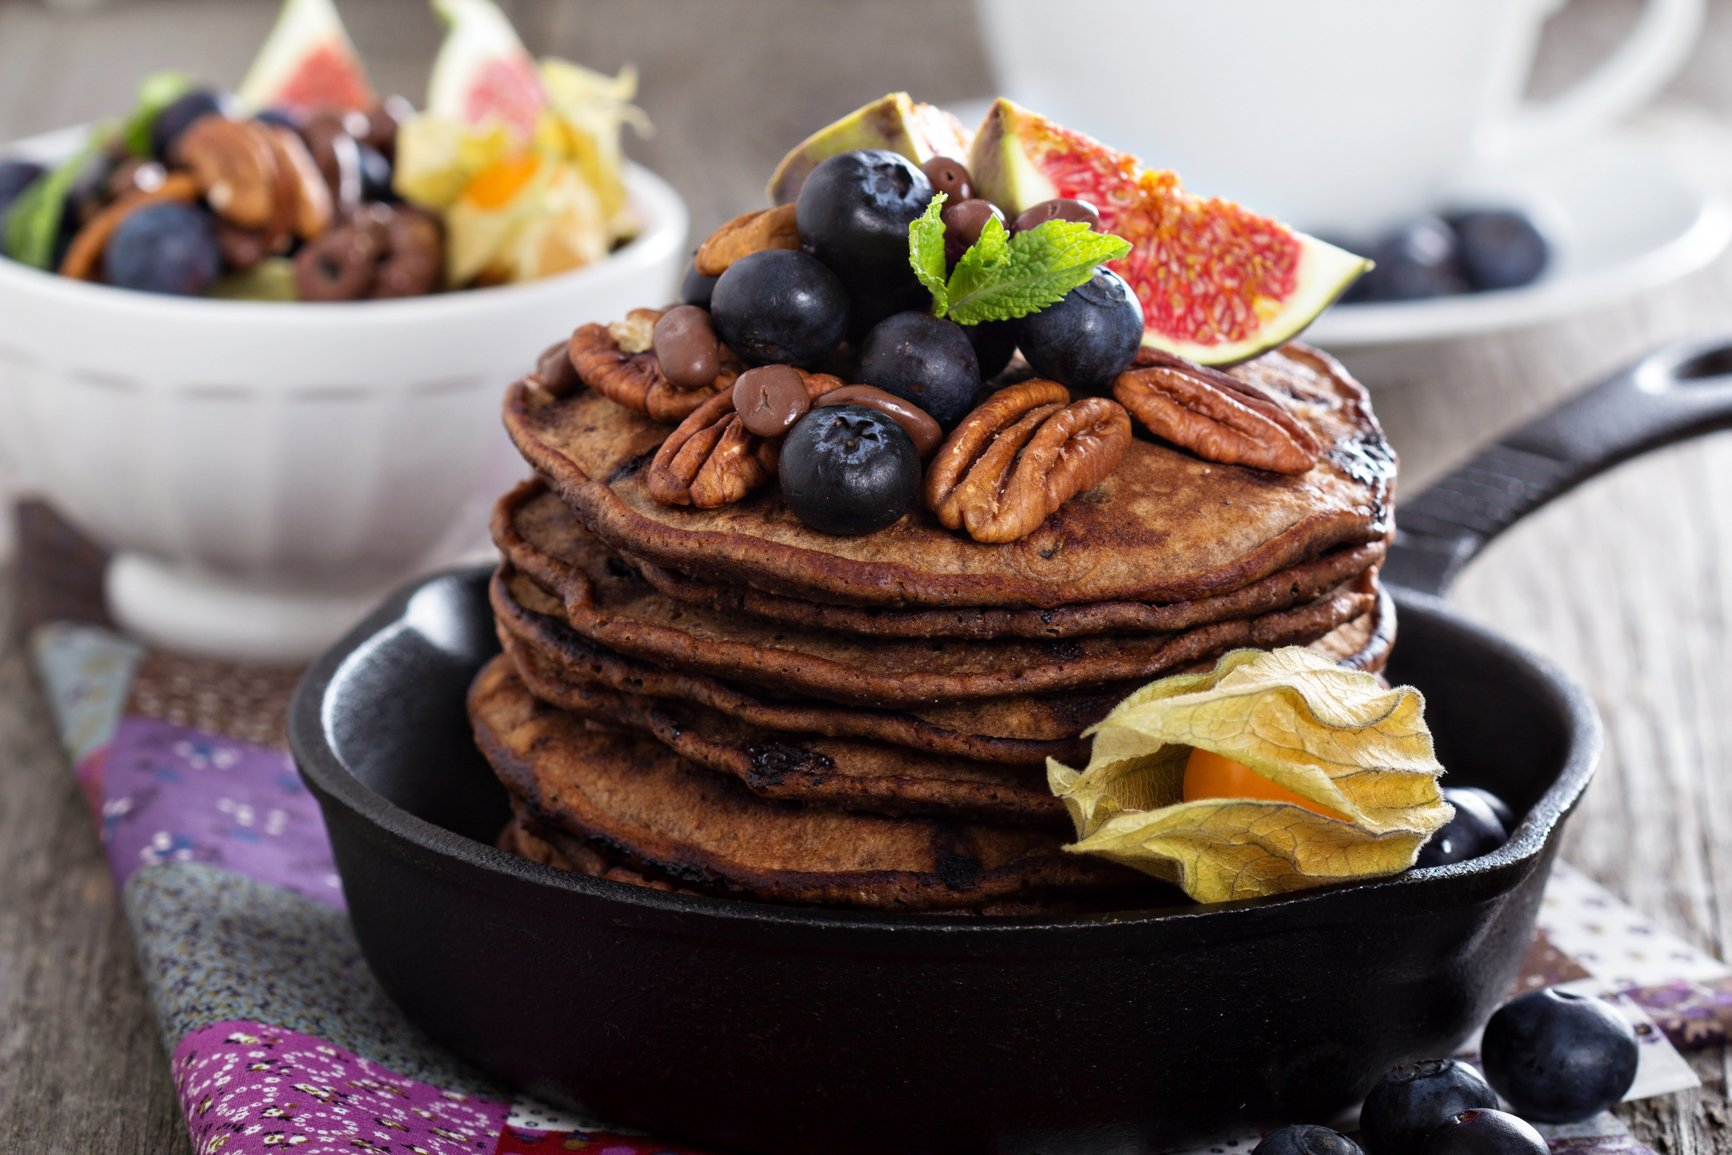 От чего лучше отказаться на завтрак?